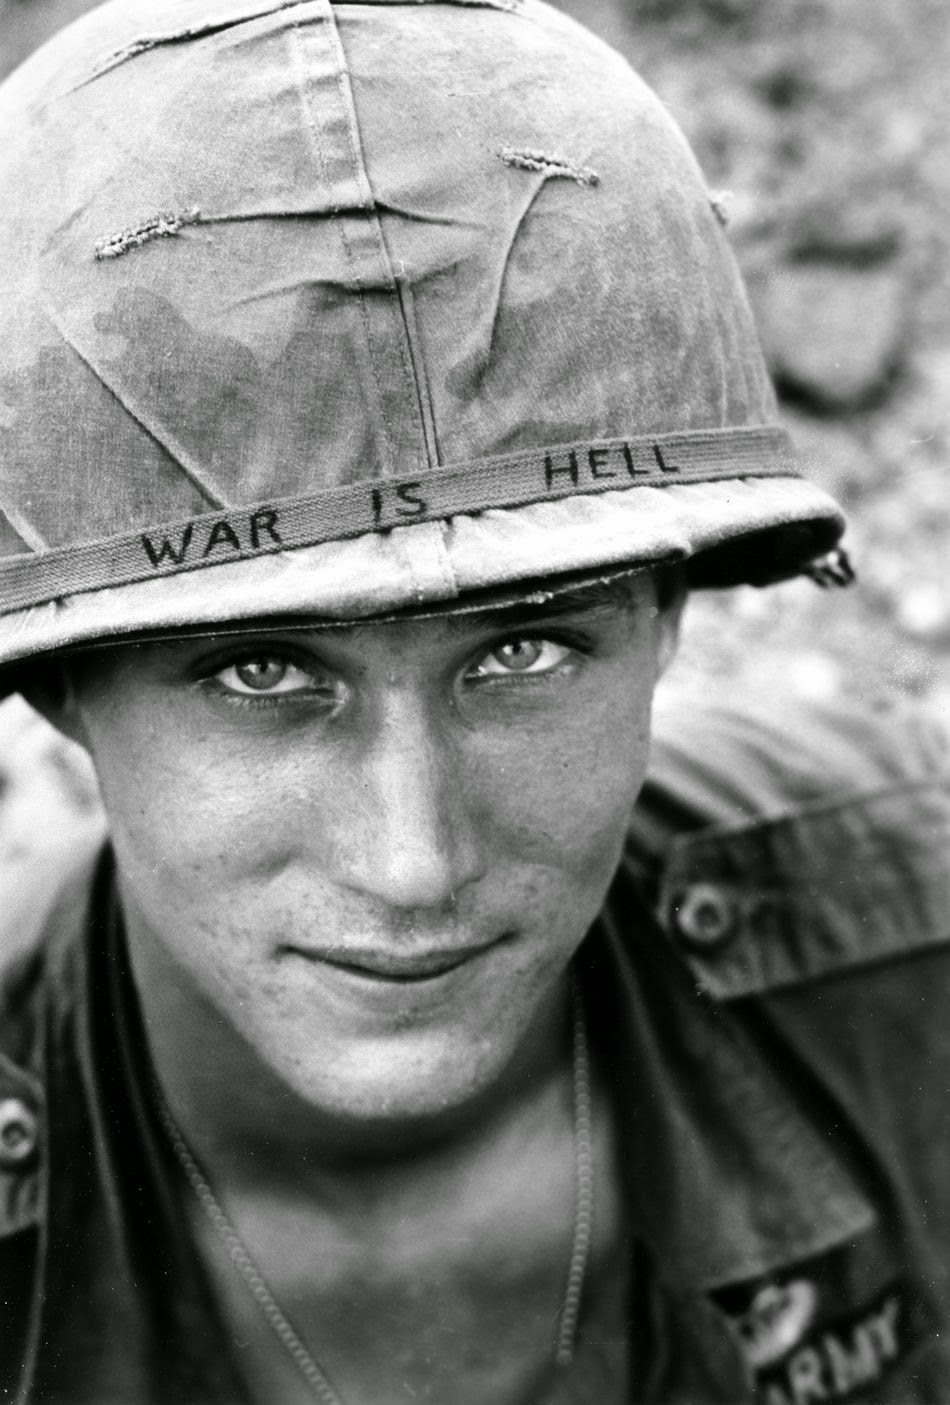 War is Hell - A háború pokol. Az egyik legsokatmondóbb fotó, amely a vietnámi háború alatt készült; a Pulitzer-díjas Horst Faas fotója.